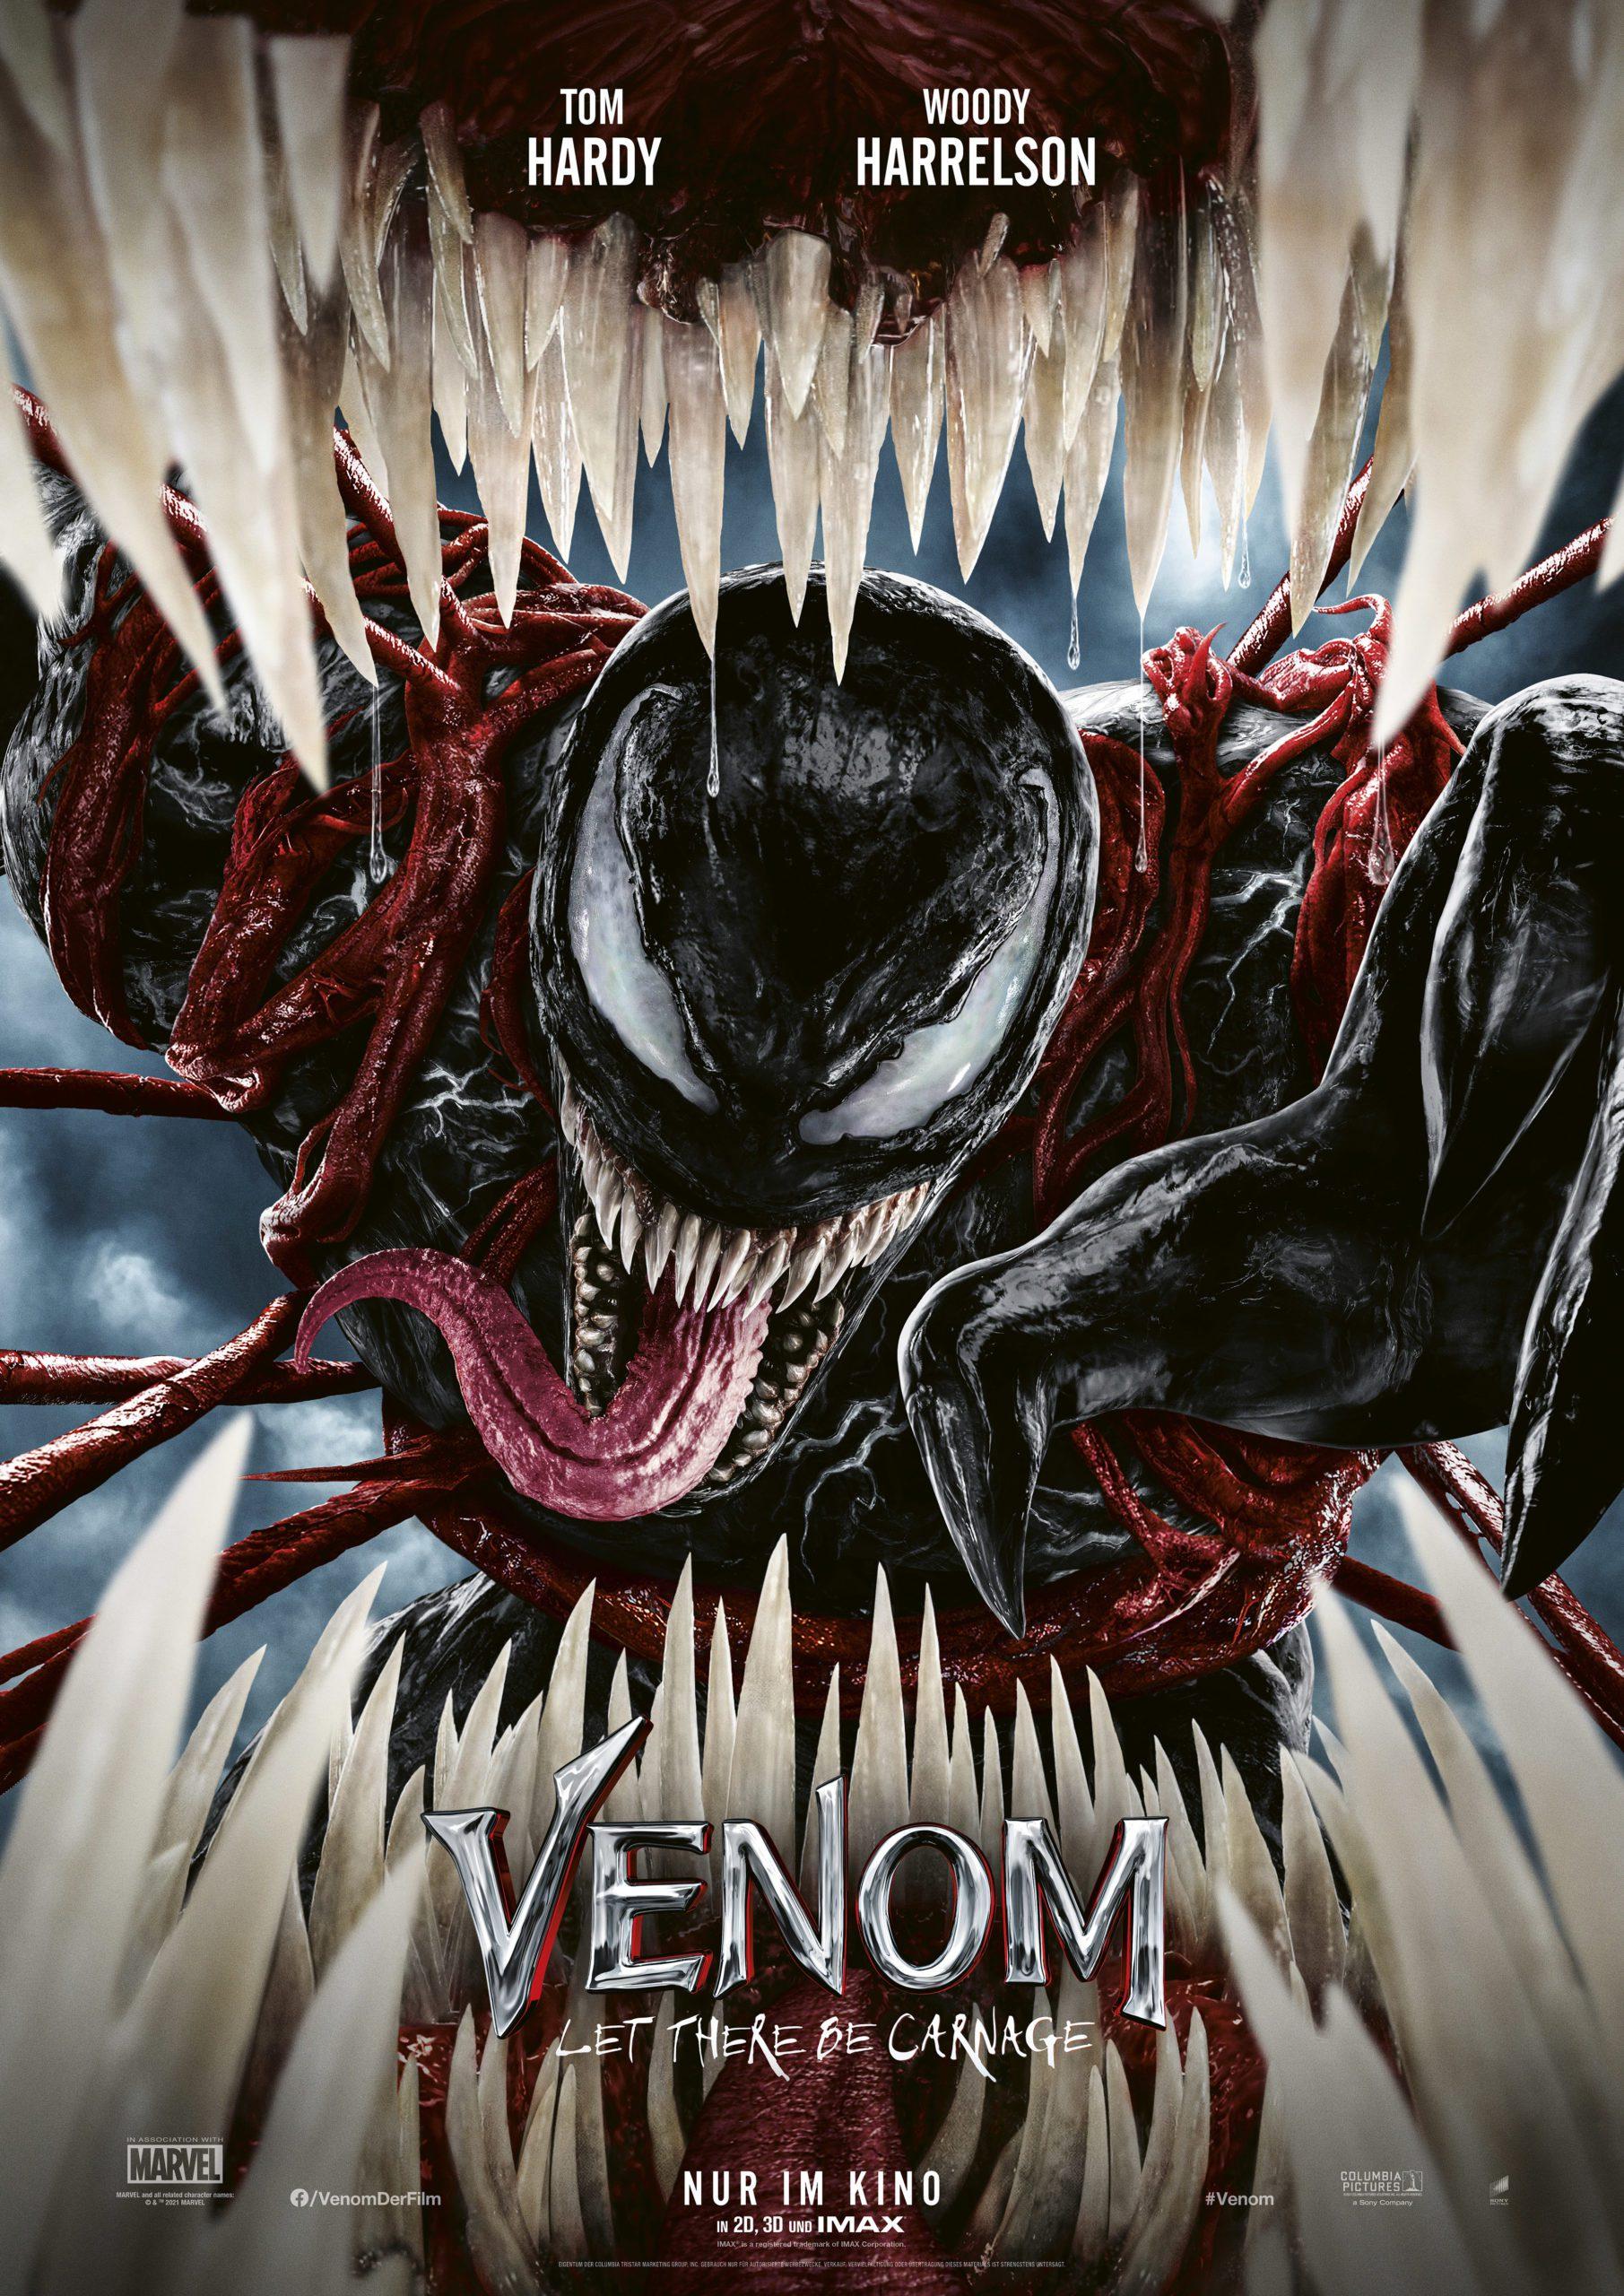 """Film Kritik: """"Venom: Let There Be Carnage"""" ist eine substanzlose Fortsetzung"""